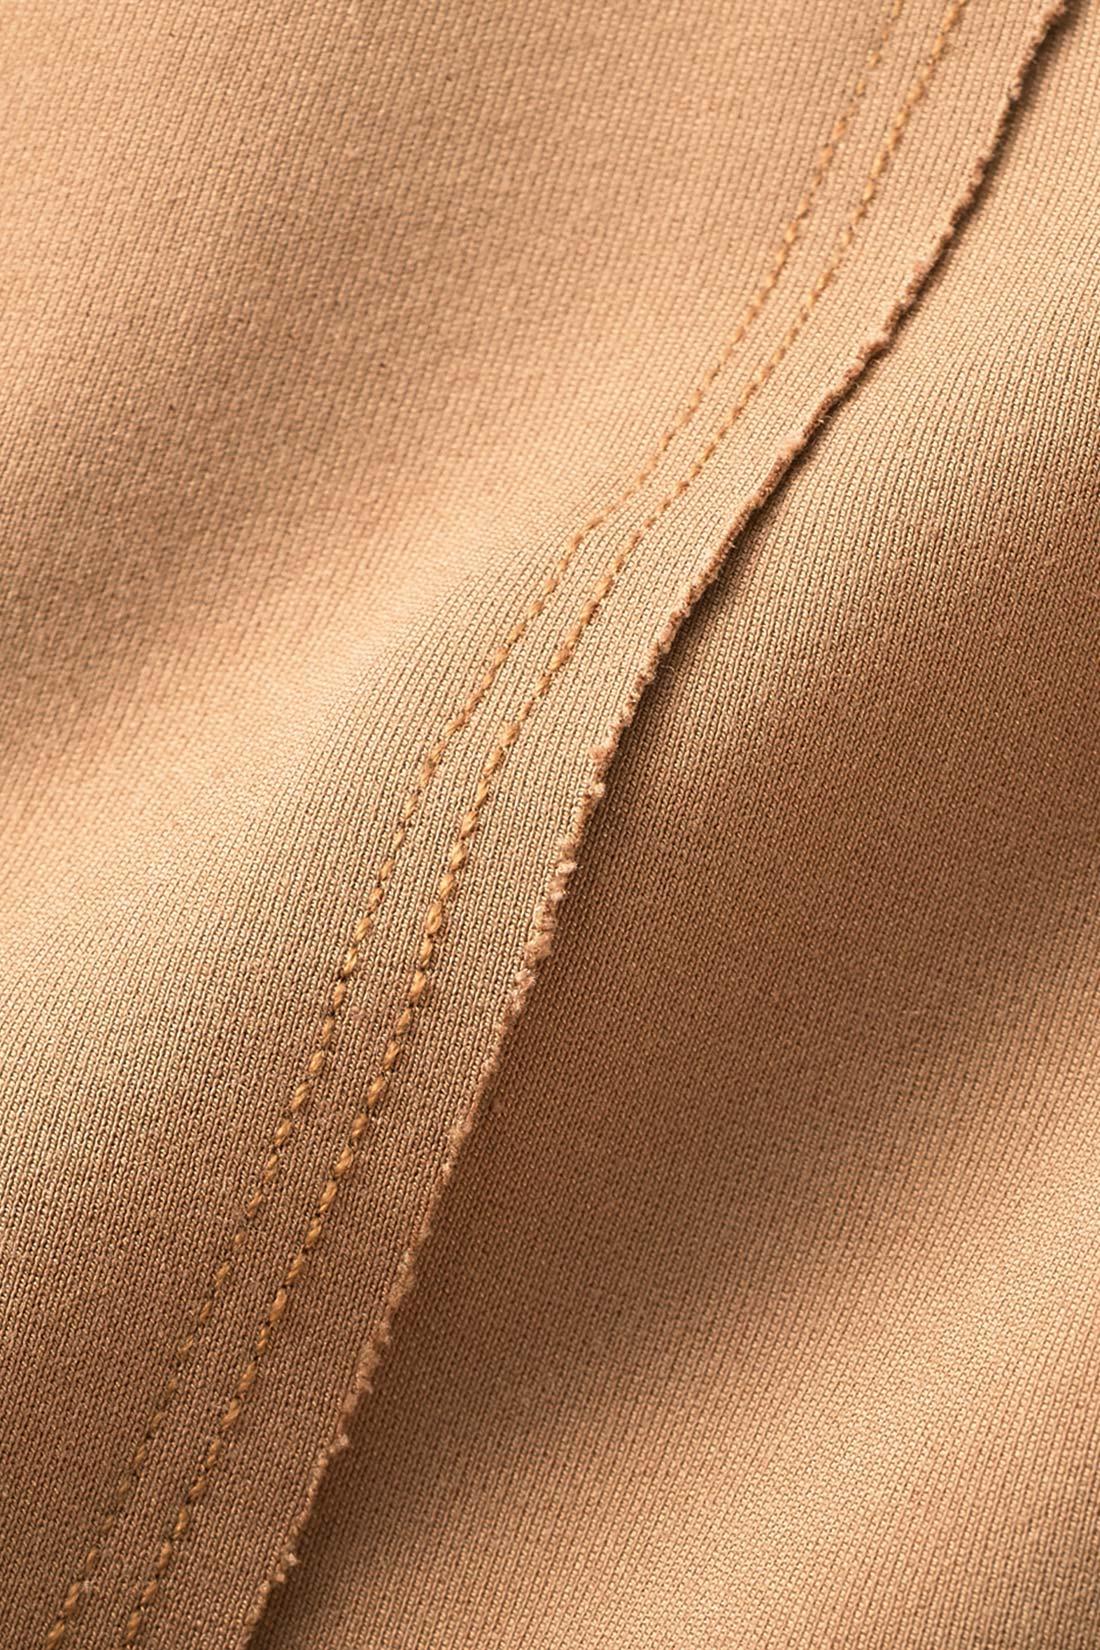 からだのラインを拾いにくいほどよい張り感と、ストレッチがきいたポンチ素材。※お届けするカラーとは異なります。